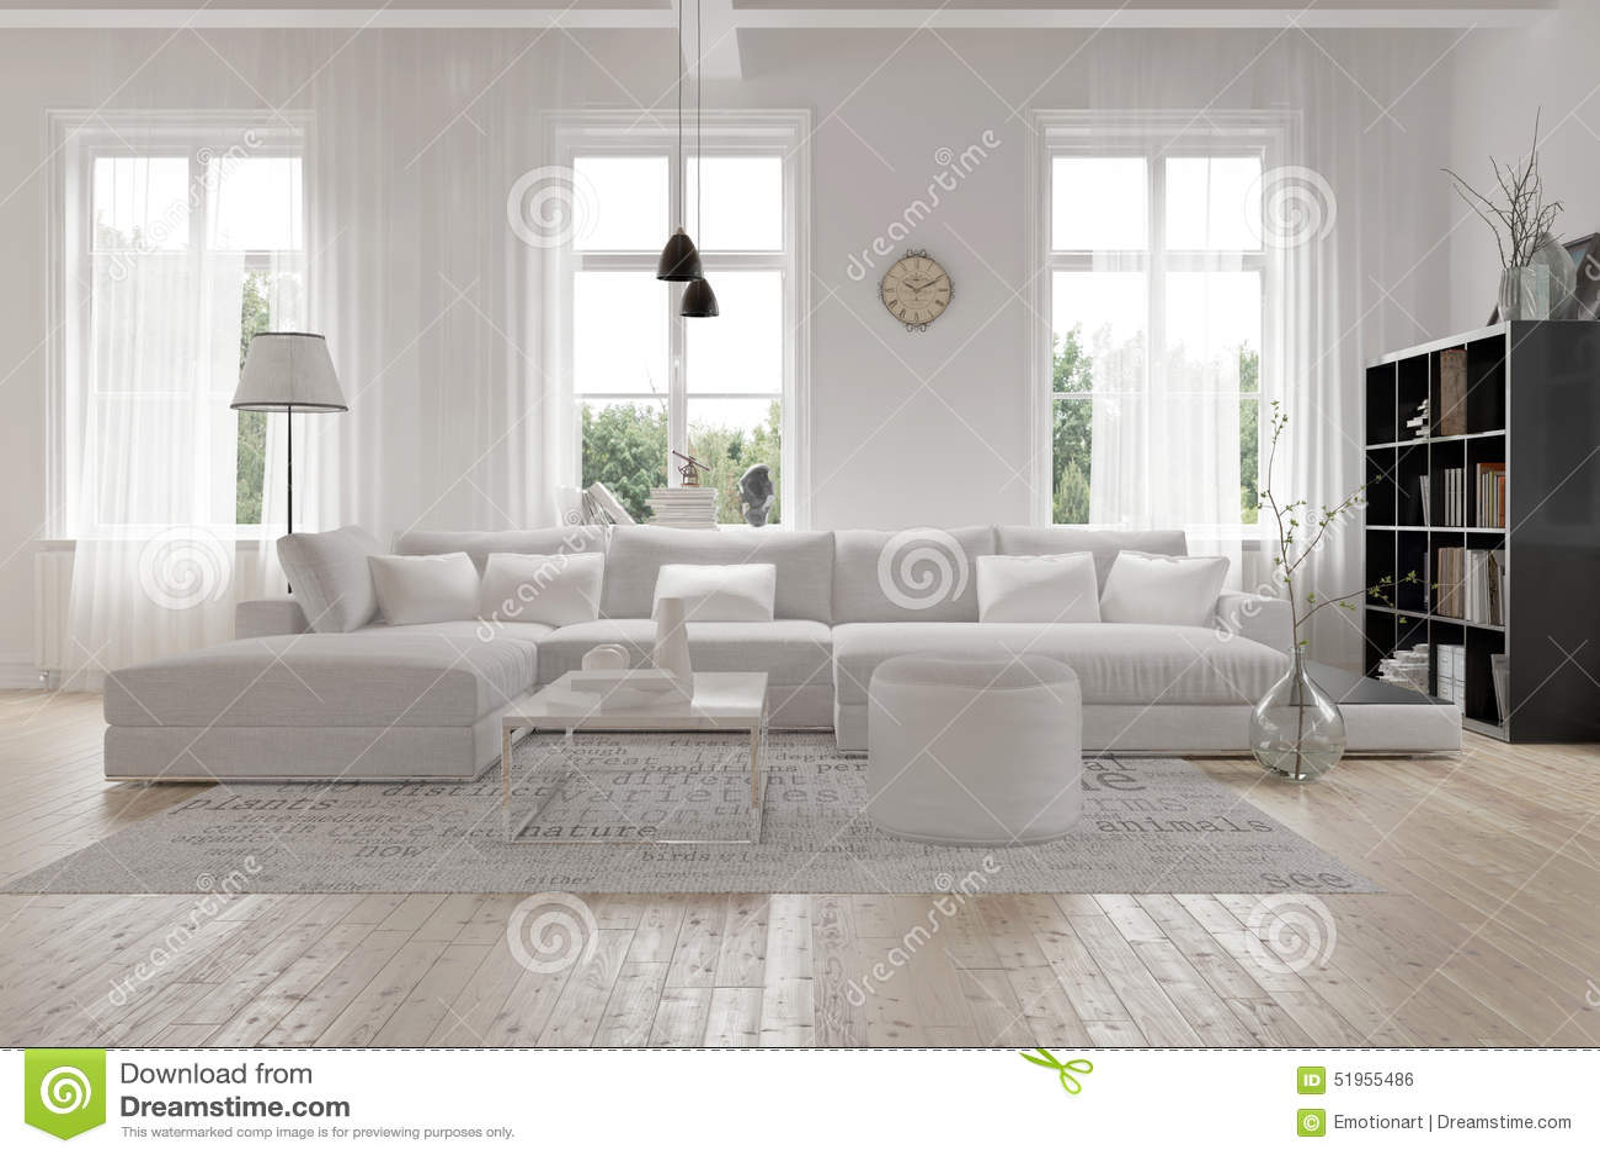 Salotto Moderno Grande : Interno bianco spazioso moderno del salotto illustrazione di stock